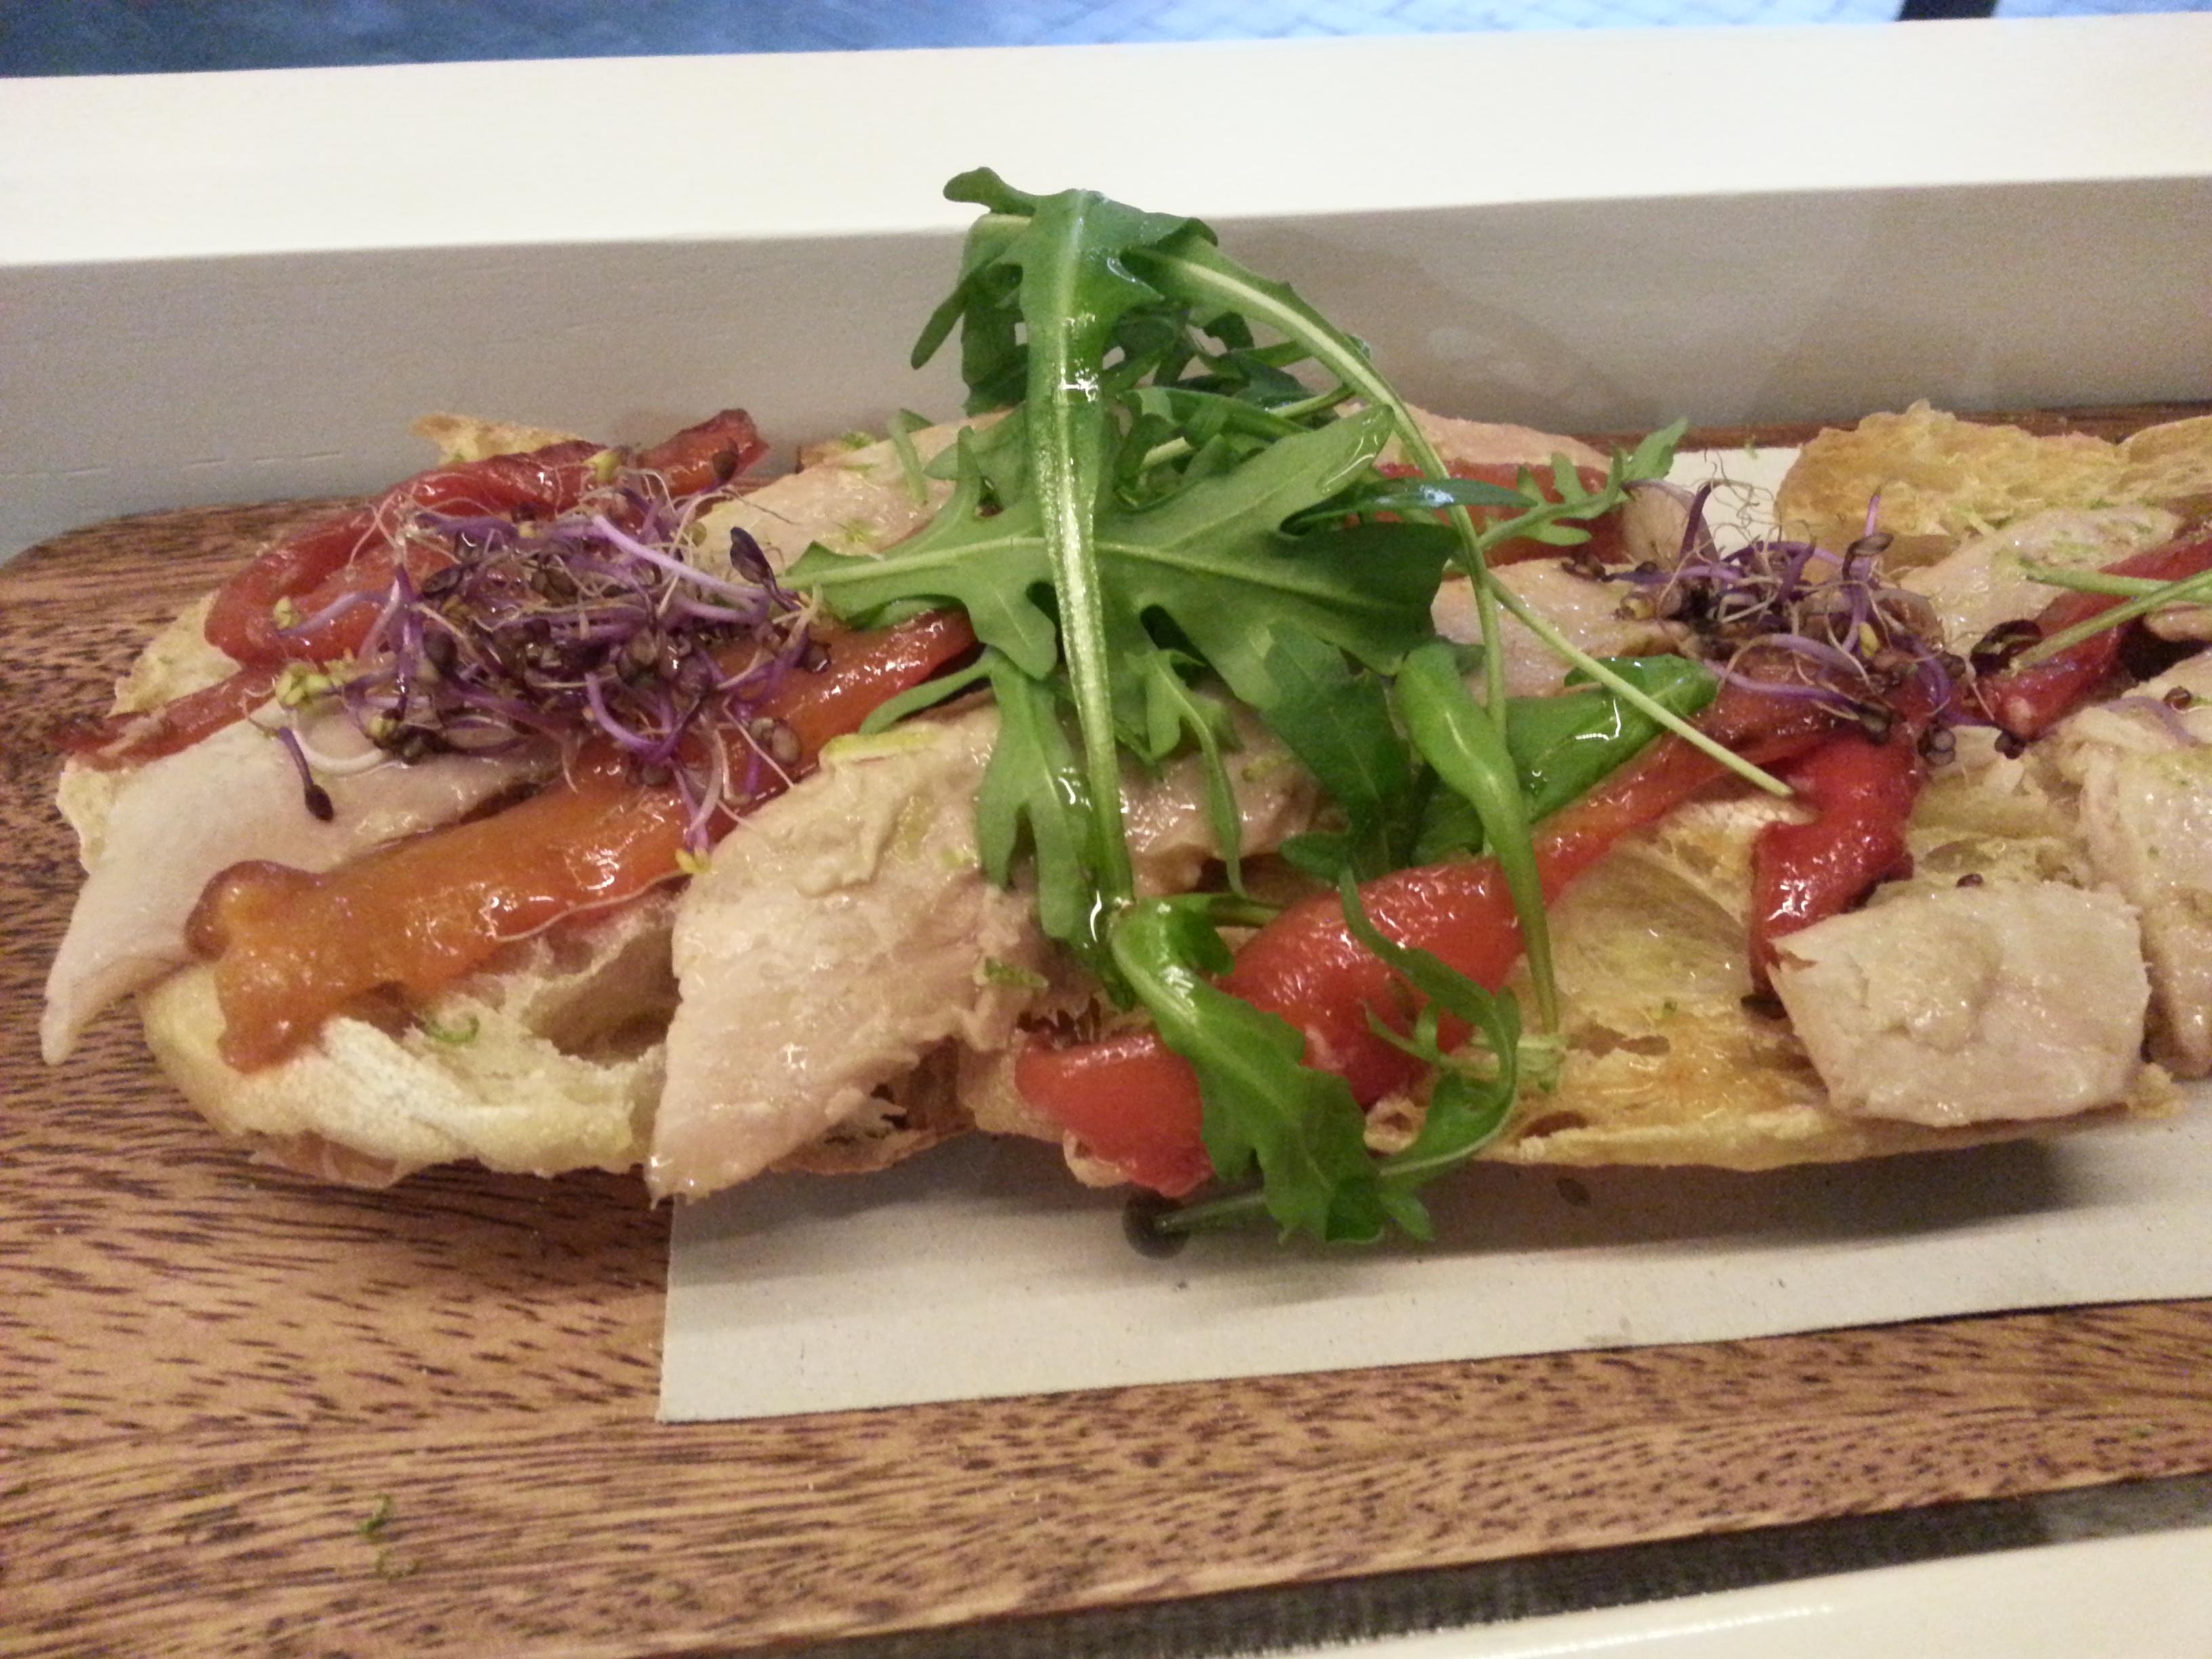 Ensalada de ventresca casera con brotes y mayonesa de pimiento sobre pan de lujo